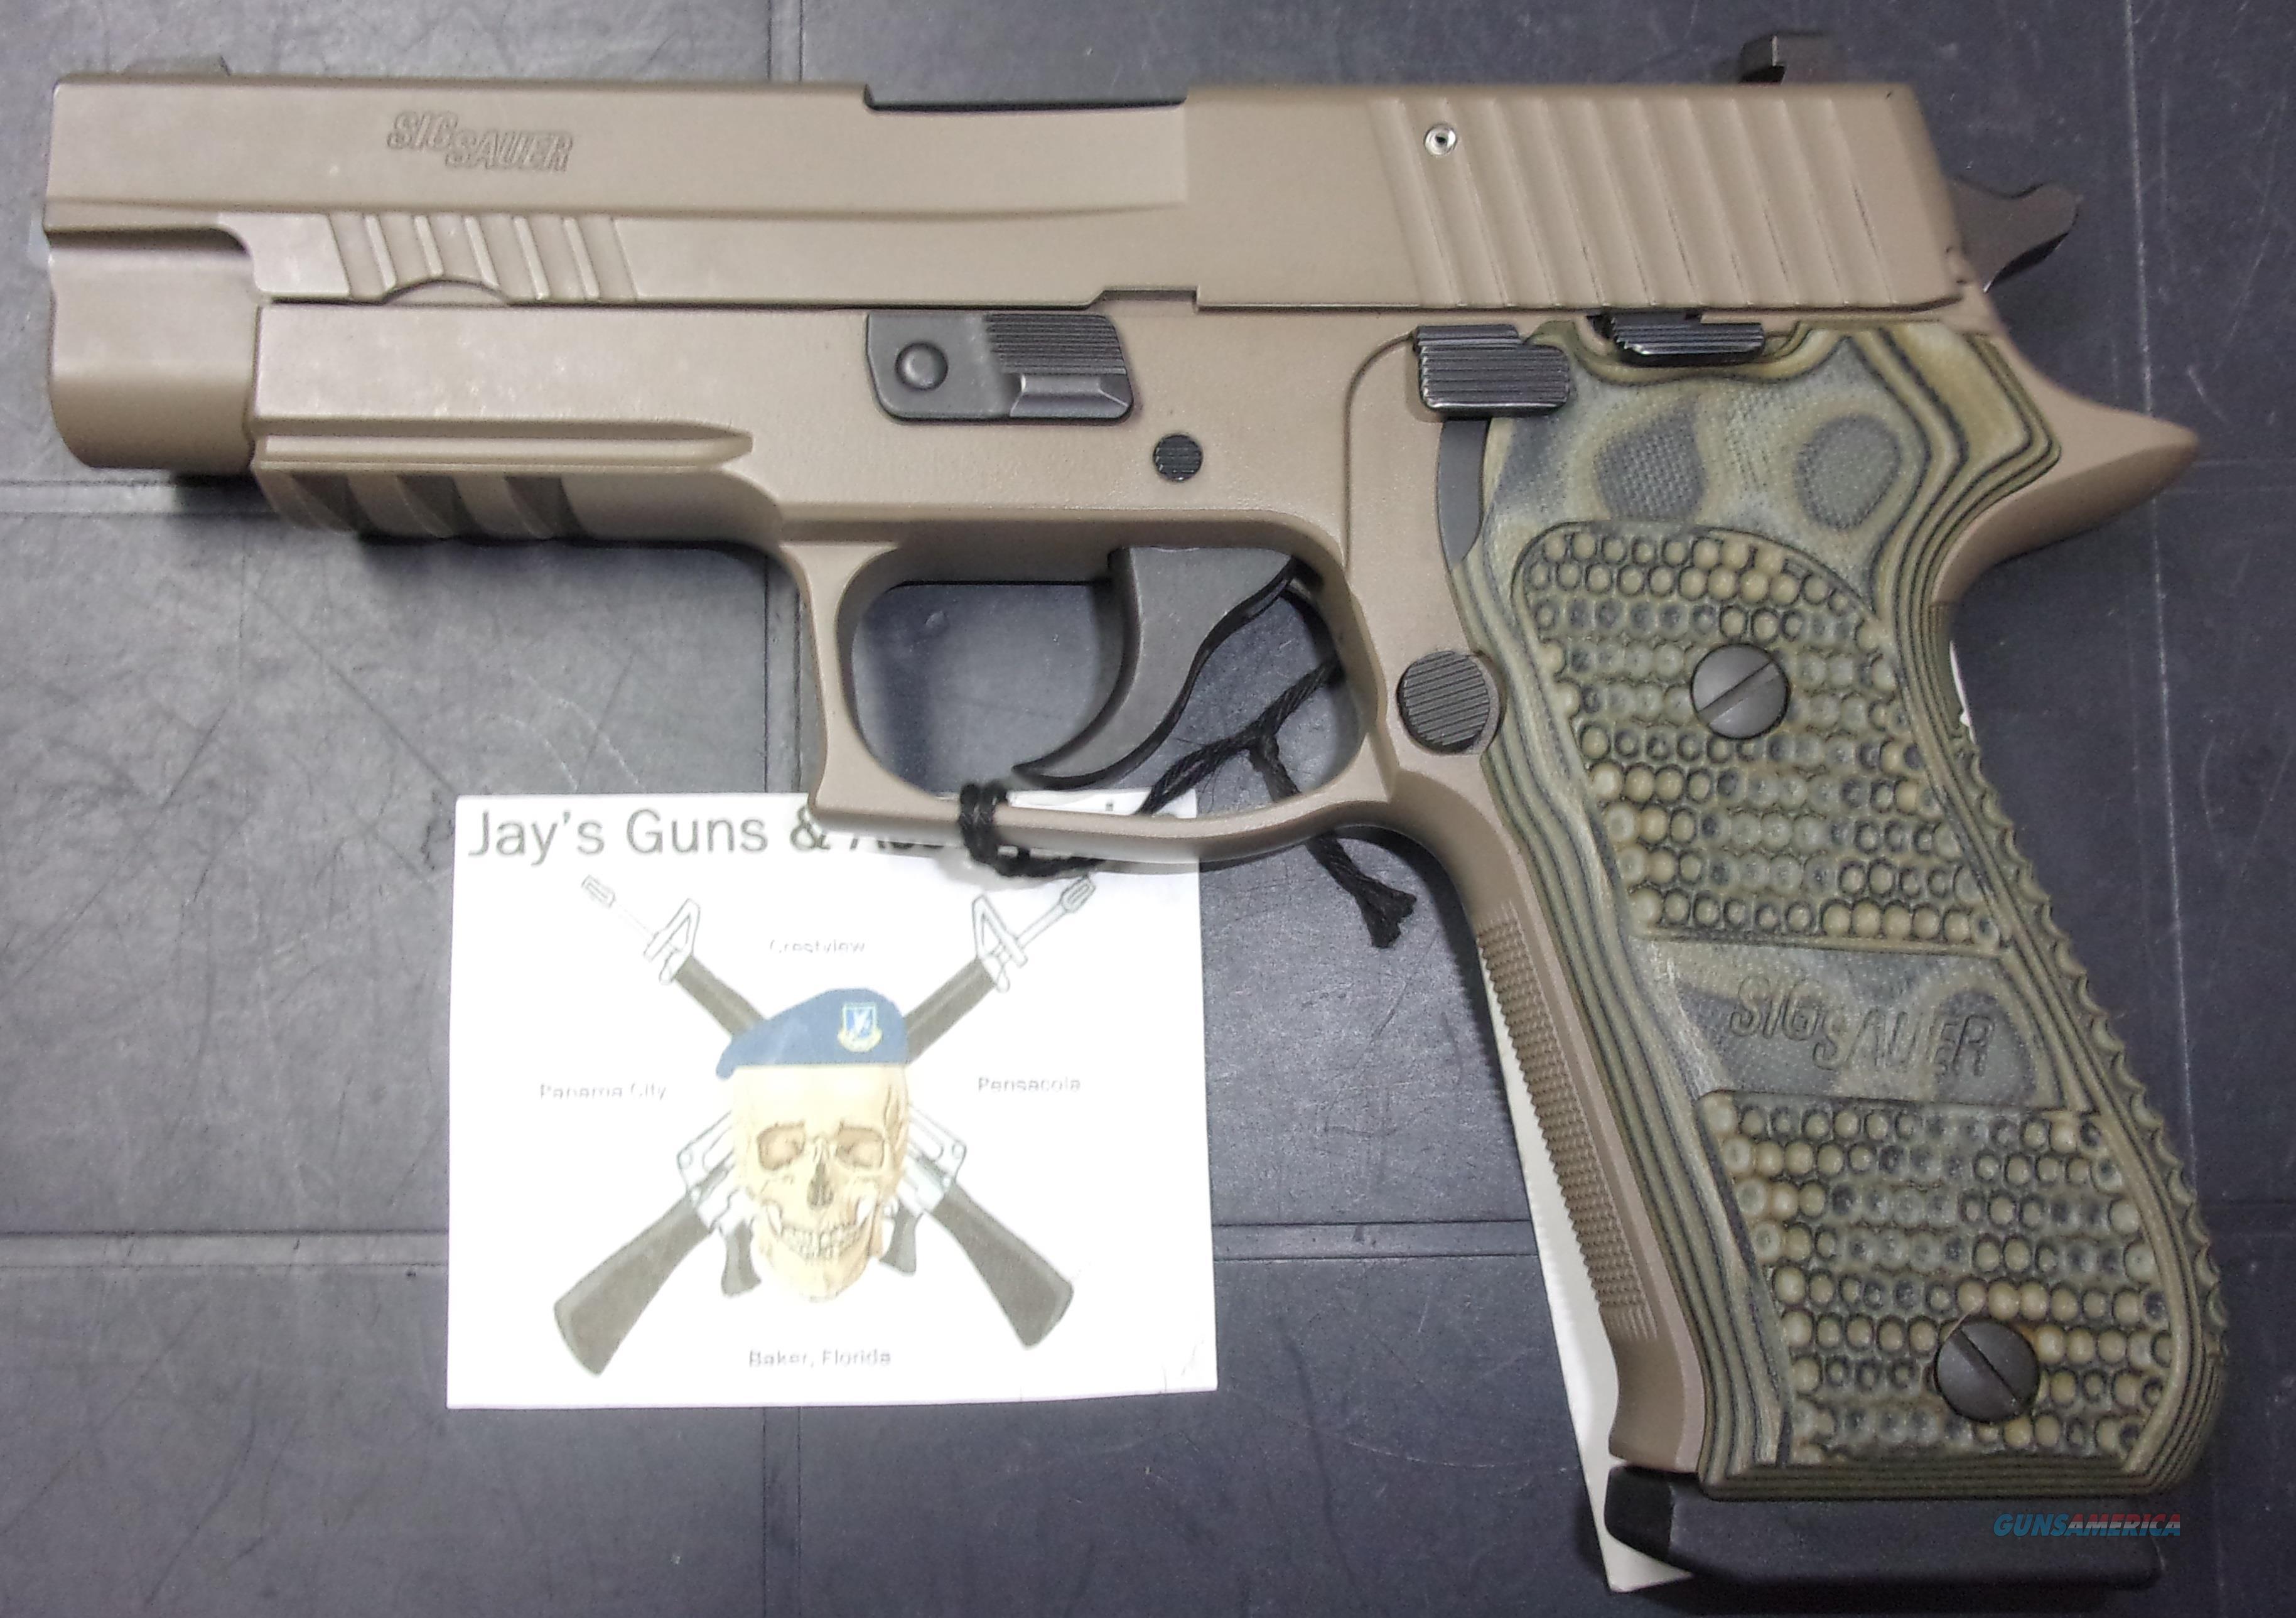 Sig Sauer P220 Scorpion Elite (220R-45-SCPN)  Guns > Pistols > Sig - Sauer/Sigarms Pistols > P220